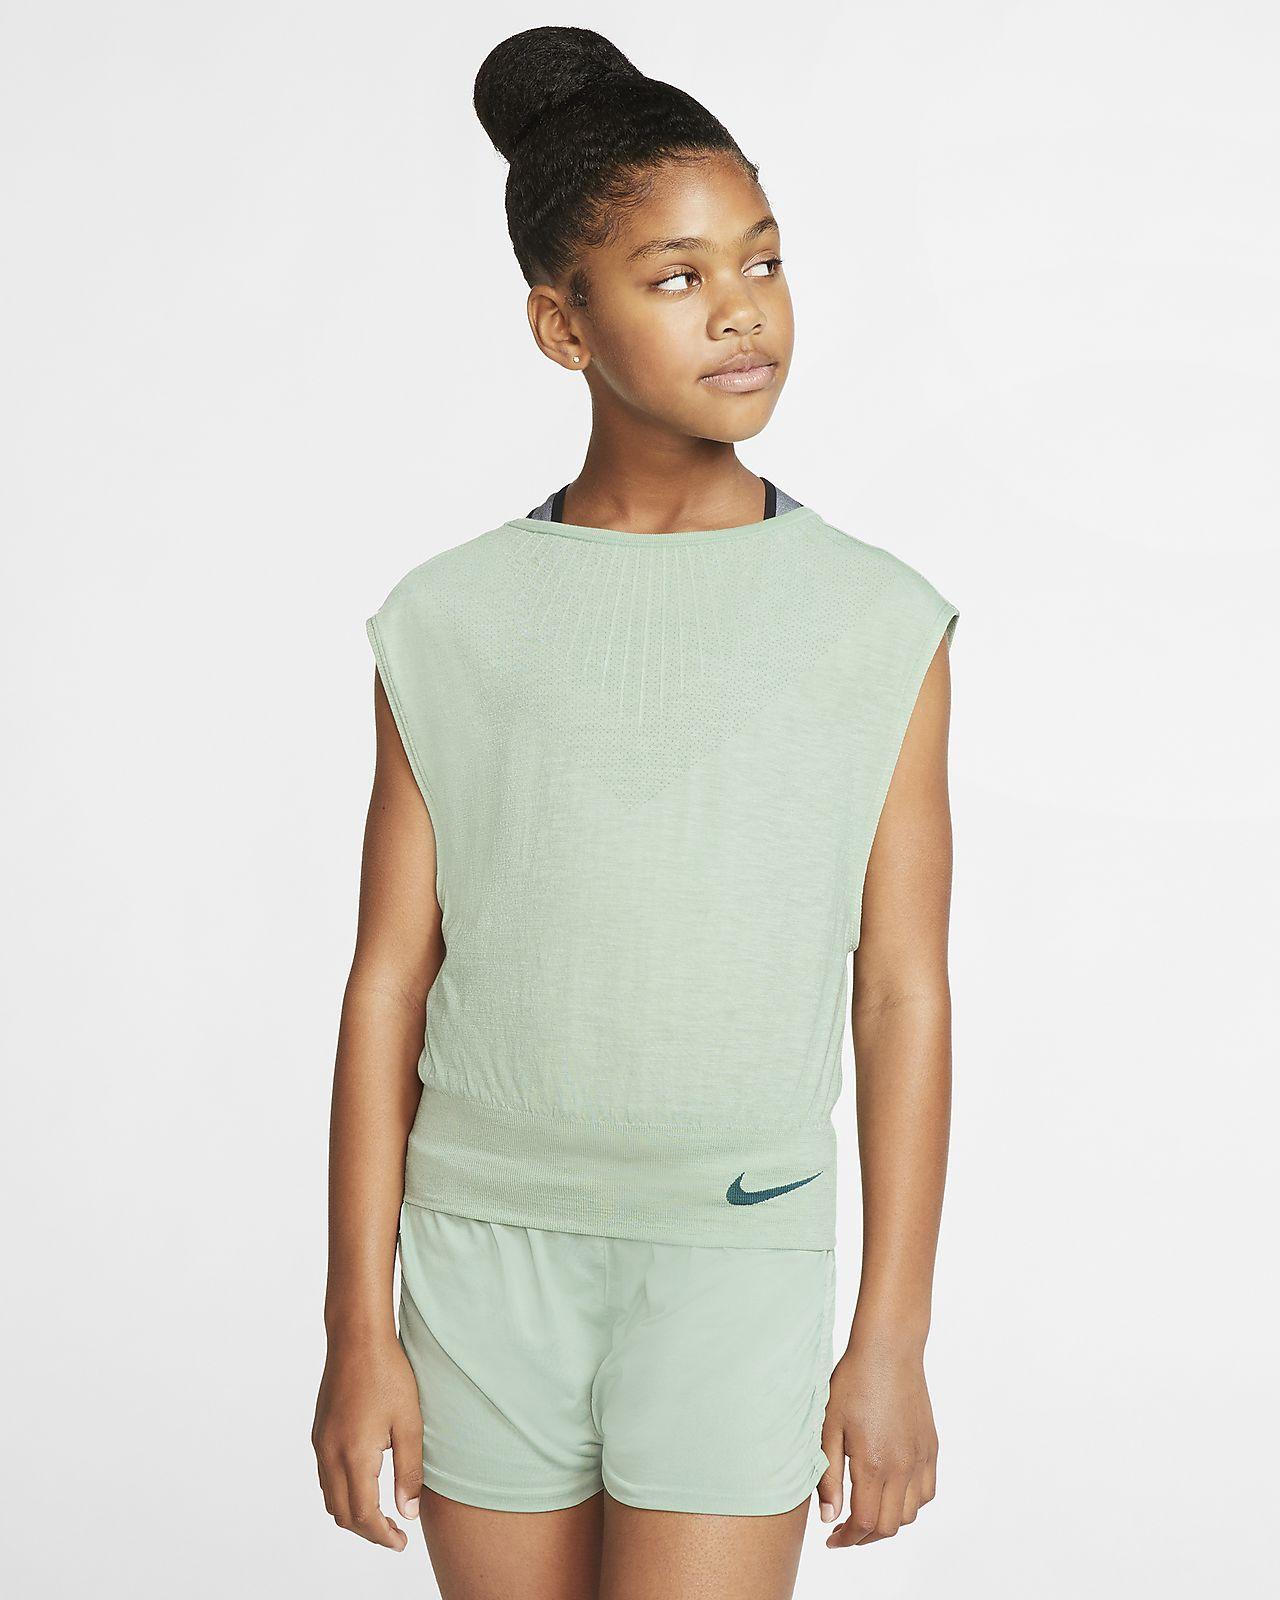 Nike Big Kids' (Girls') Reversible Training Top